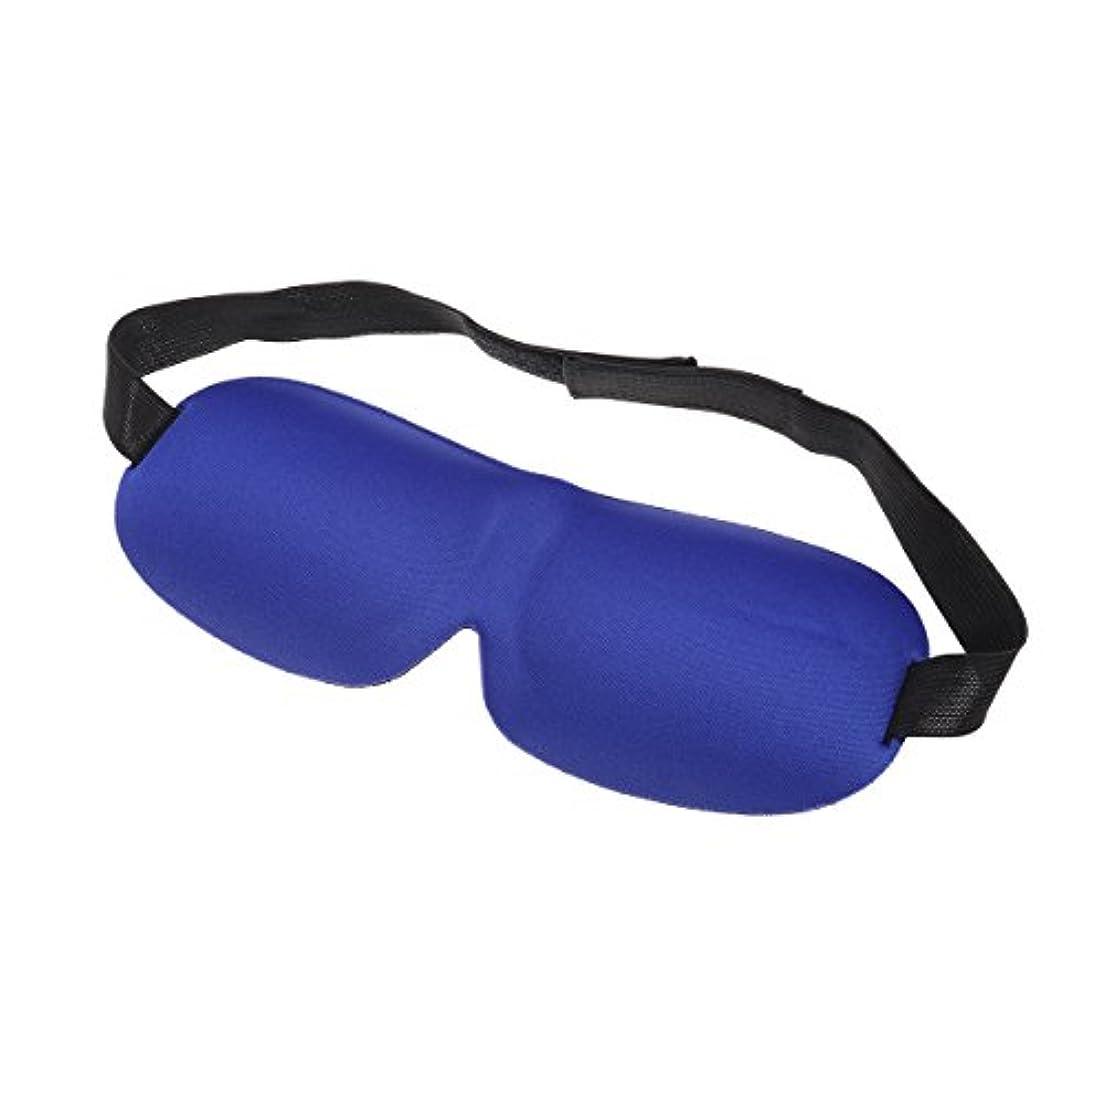 エンターテインメント自分のためにマラウイROSENICE アイマスク 遮光 睡眠 軽量 目隠し 圧迫感なし 調節可能 3D睡眠マスク(ブルー)